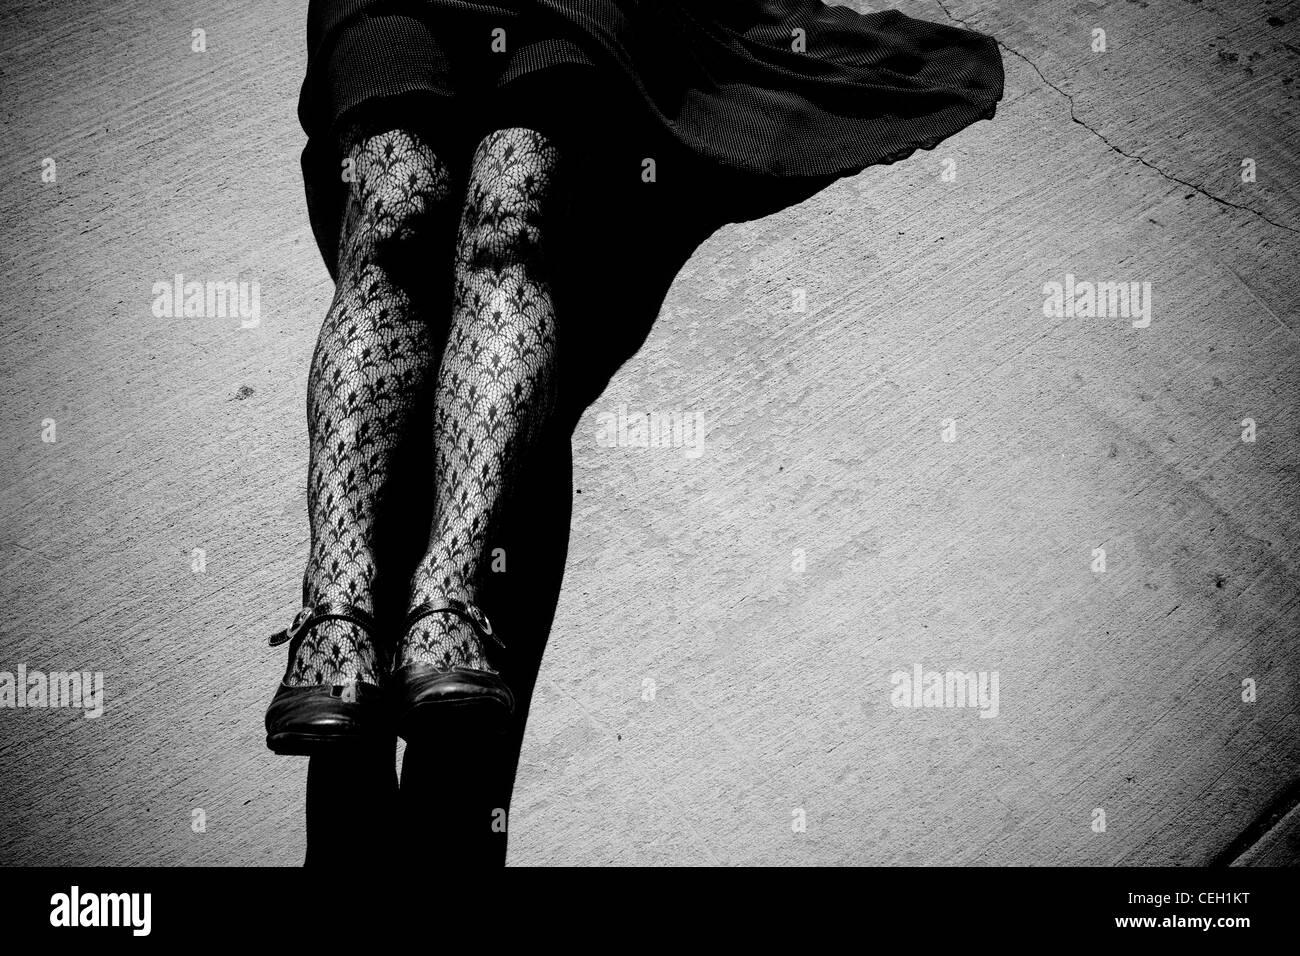 Frau trägt Strumpfhosen, Verlegung auf Asphalt. Schwarz und weiß. Stockbild